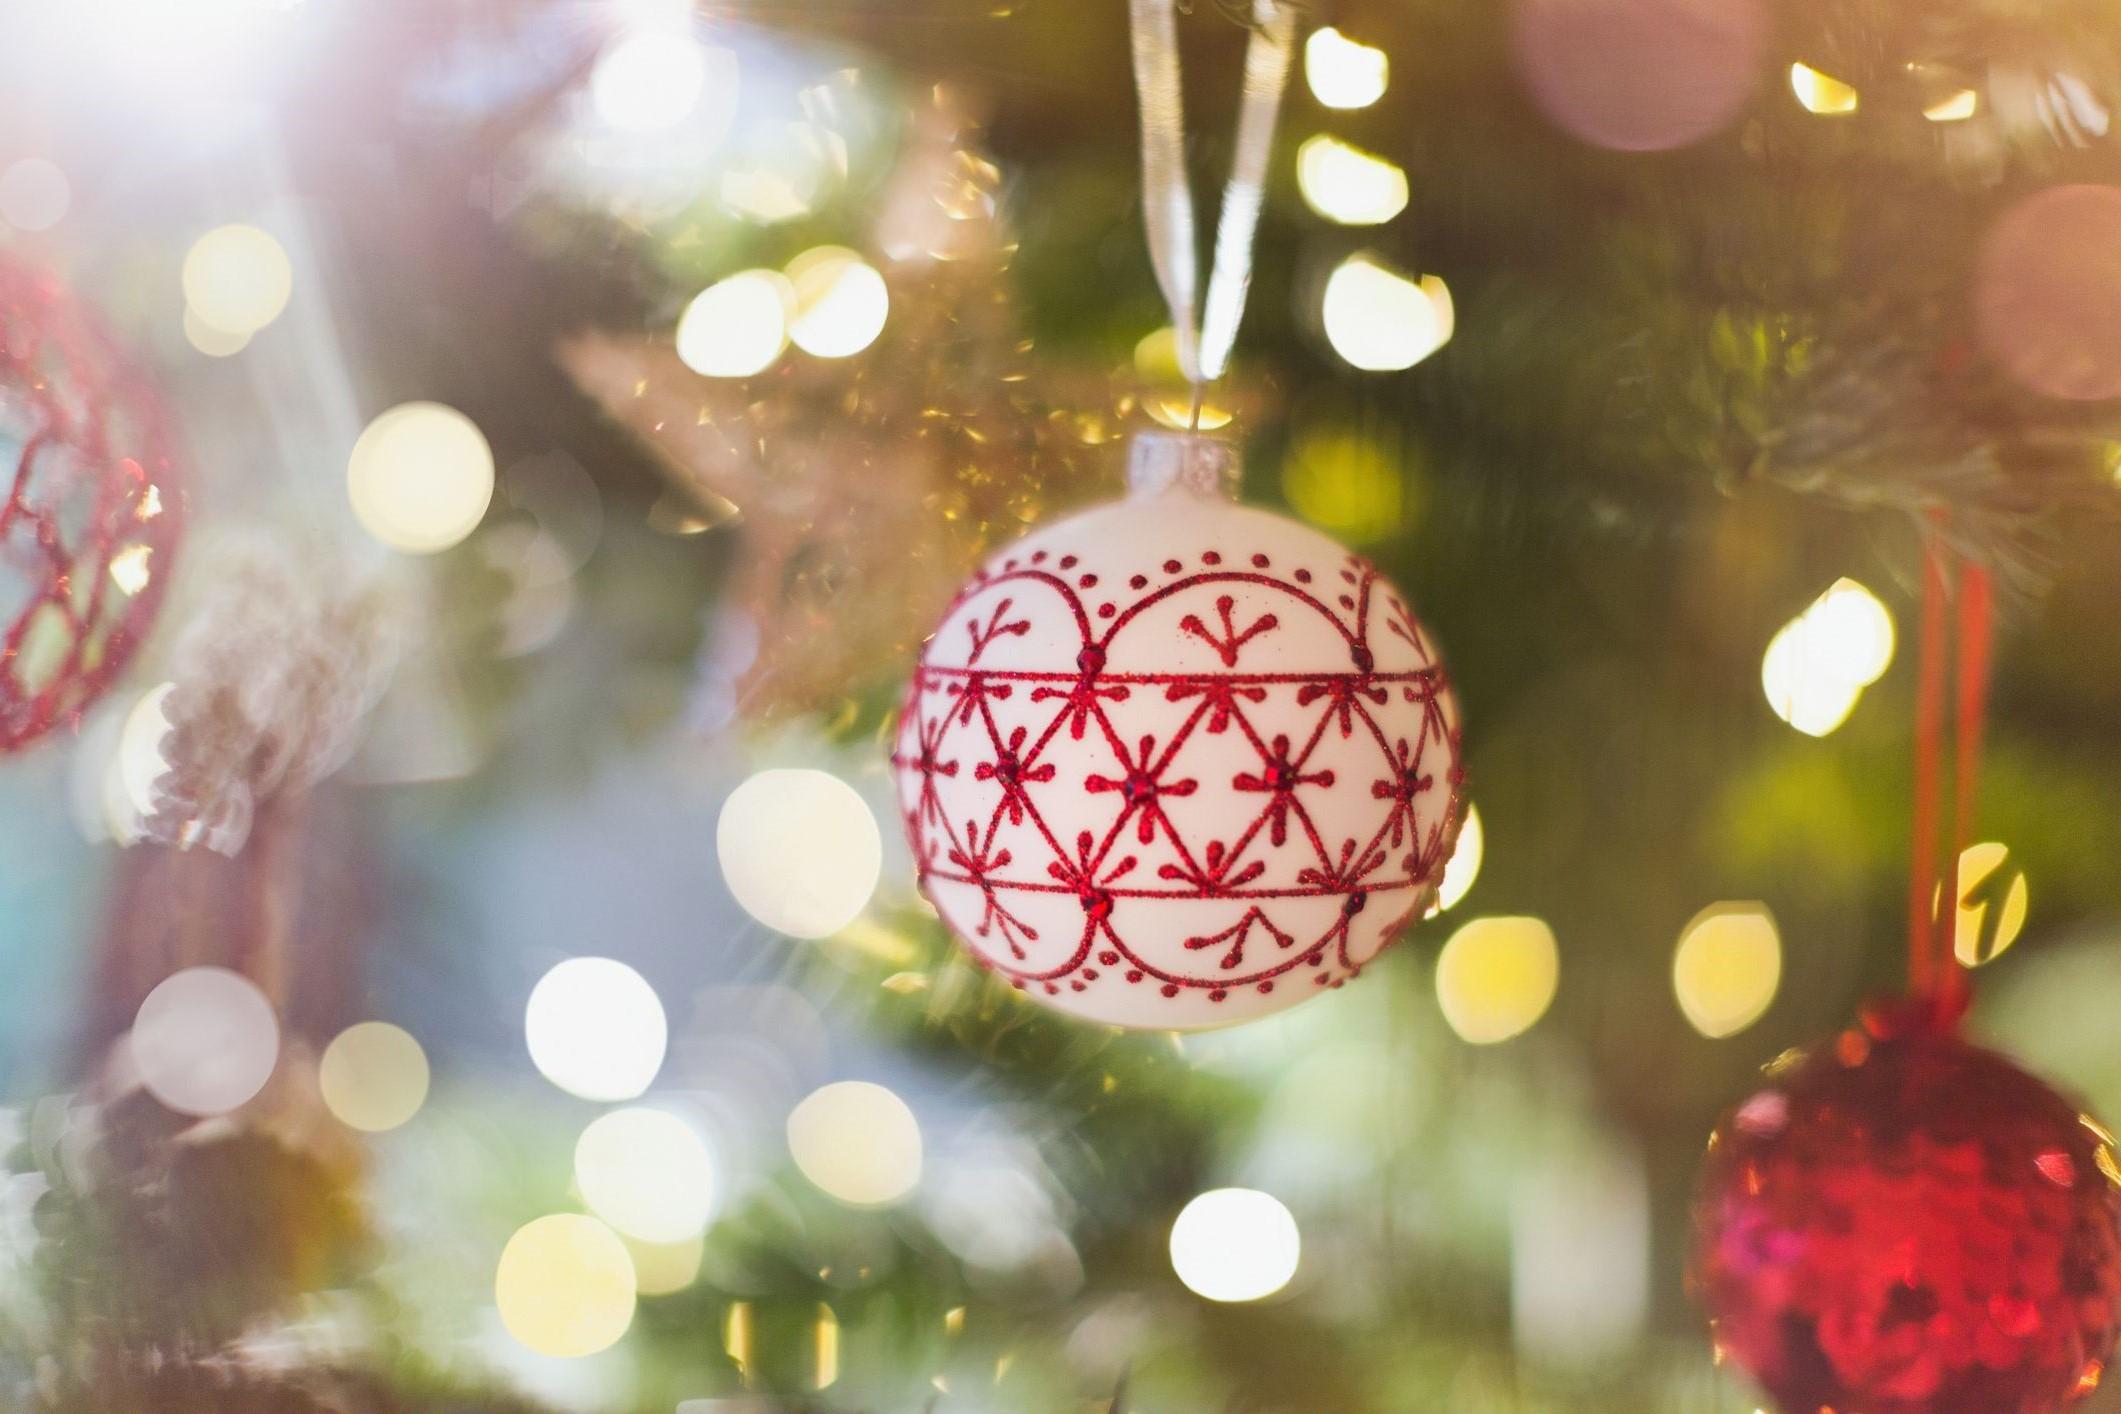 Décoration de Noël classique avec des lumières étincelantes.